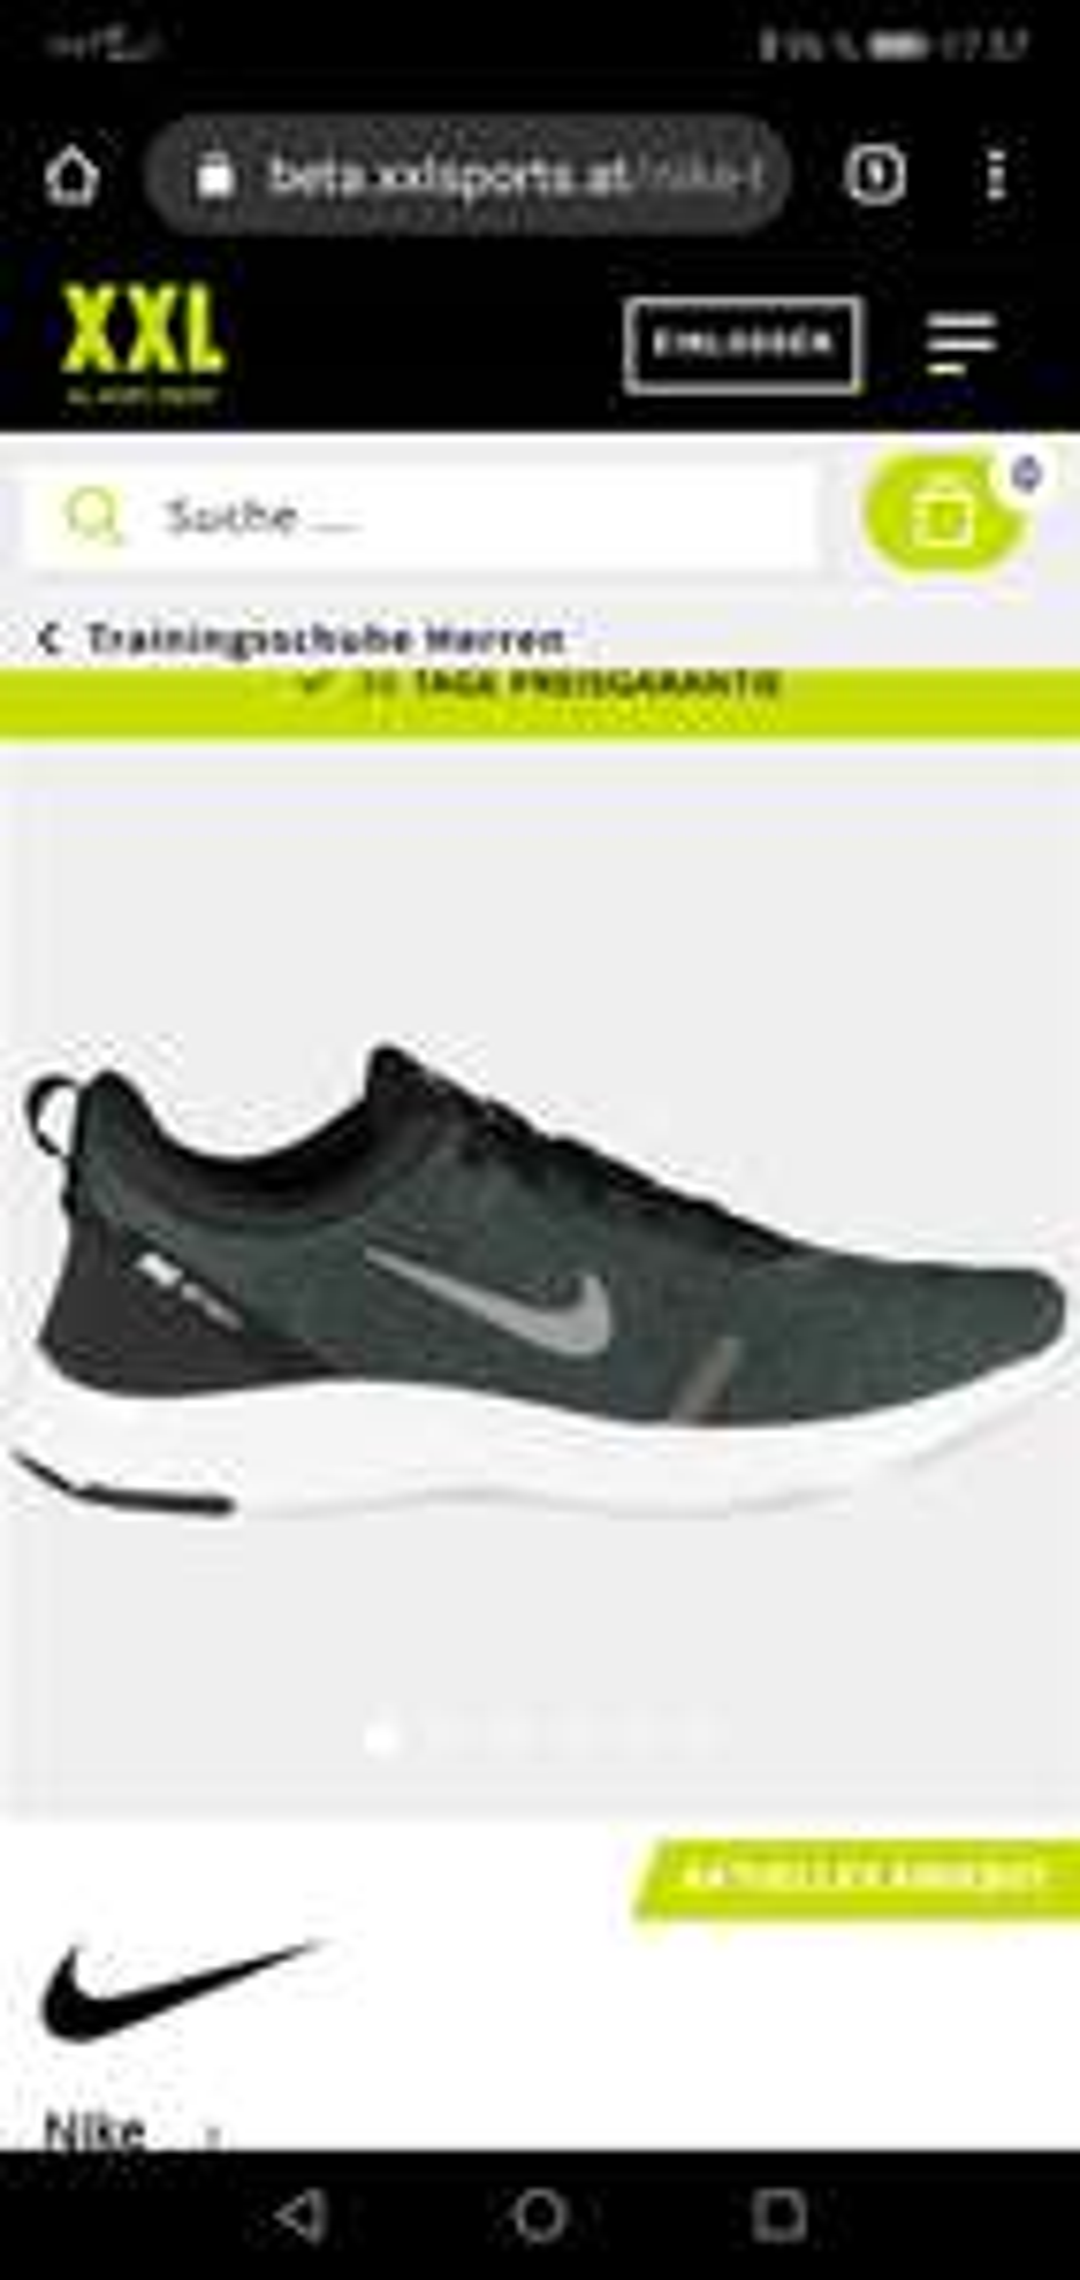 XXL SPORTS Nike herren freizeitschuh im Angebot